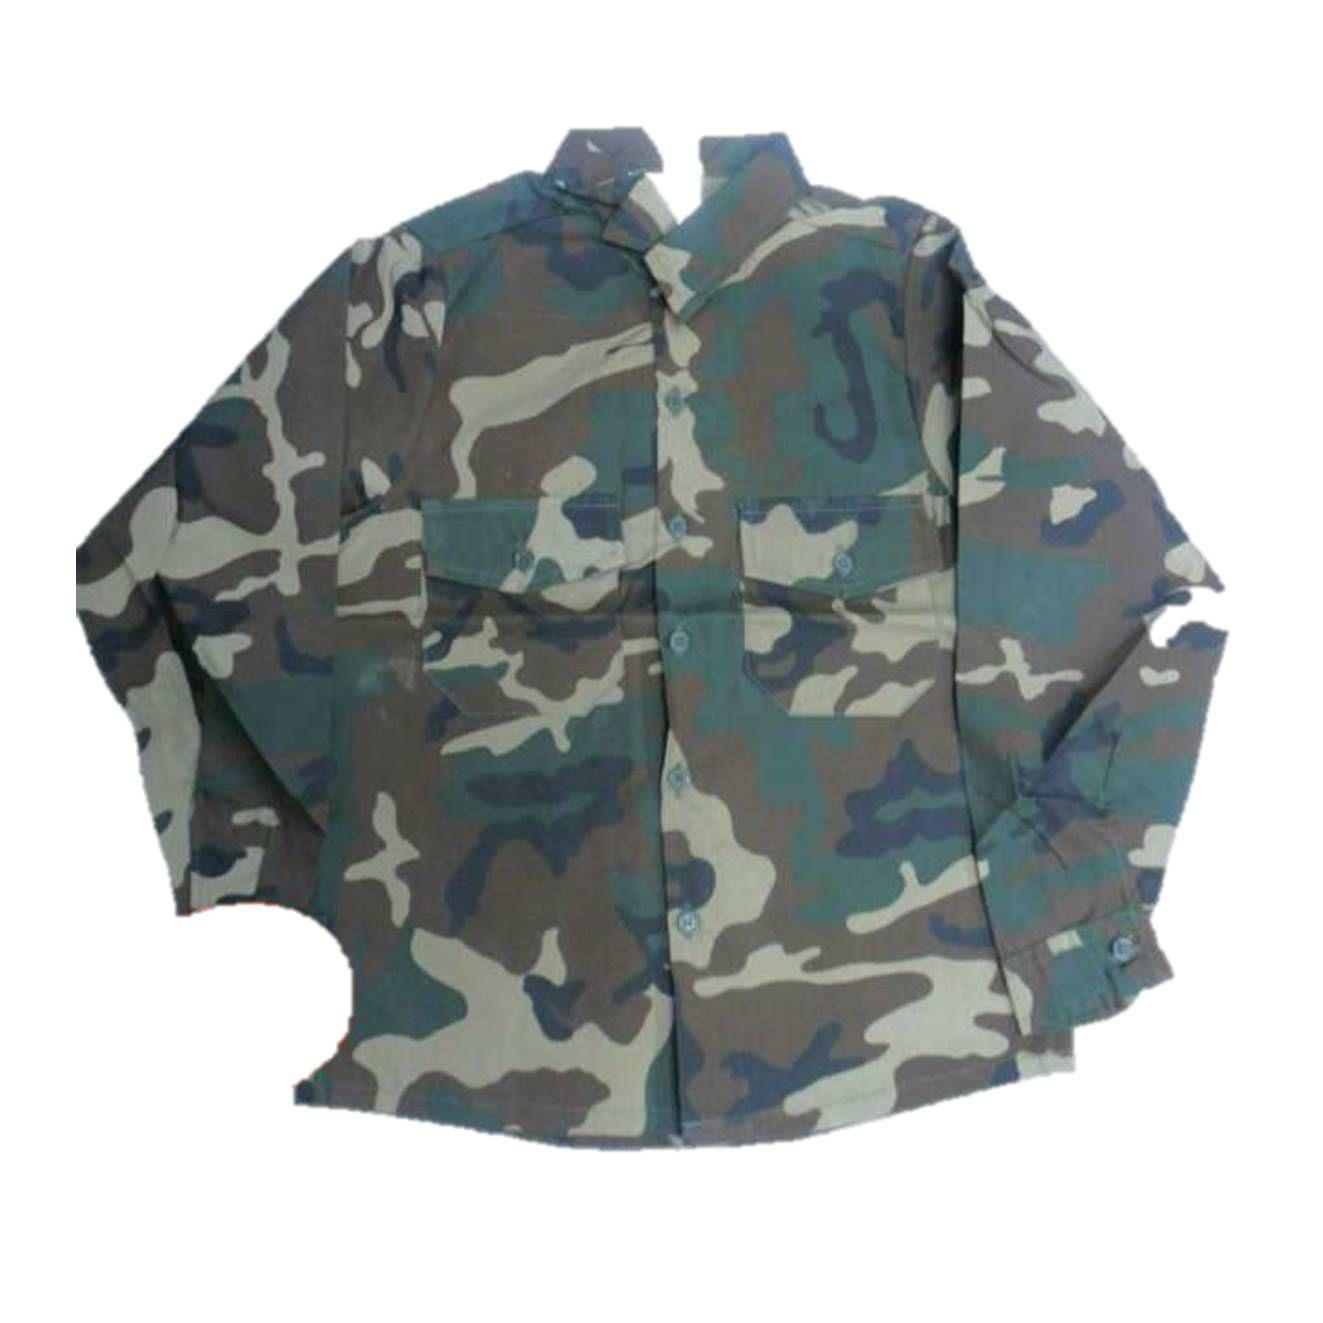 Camisa niño camuflaje para conjunto de pantalón y chalecos varias tallas: Tienda online de Artículos de Caza